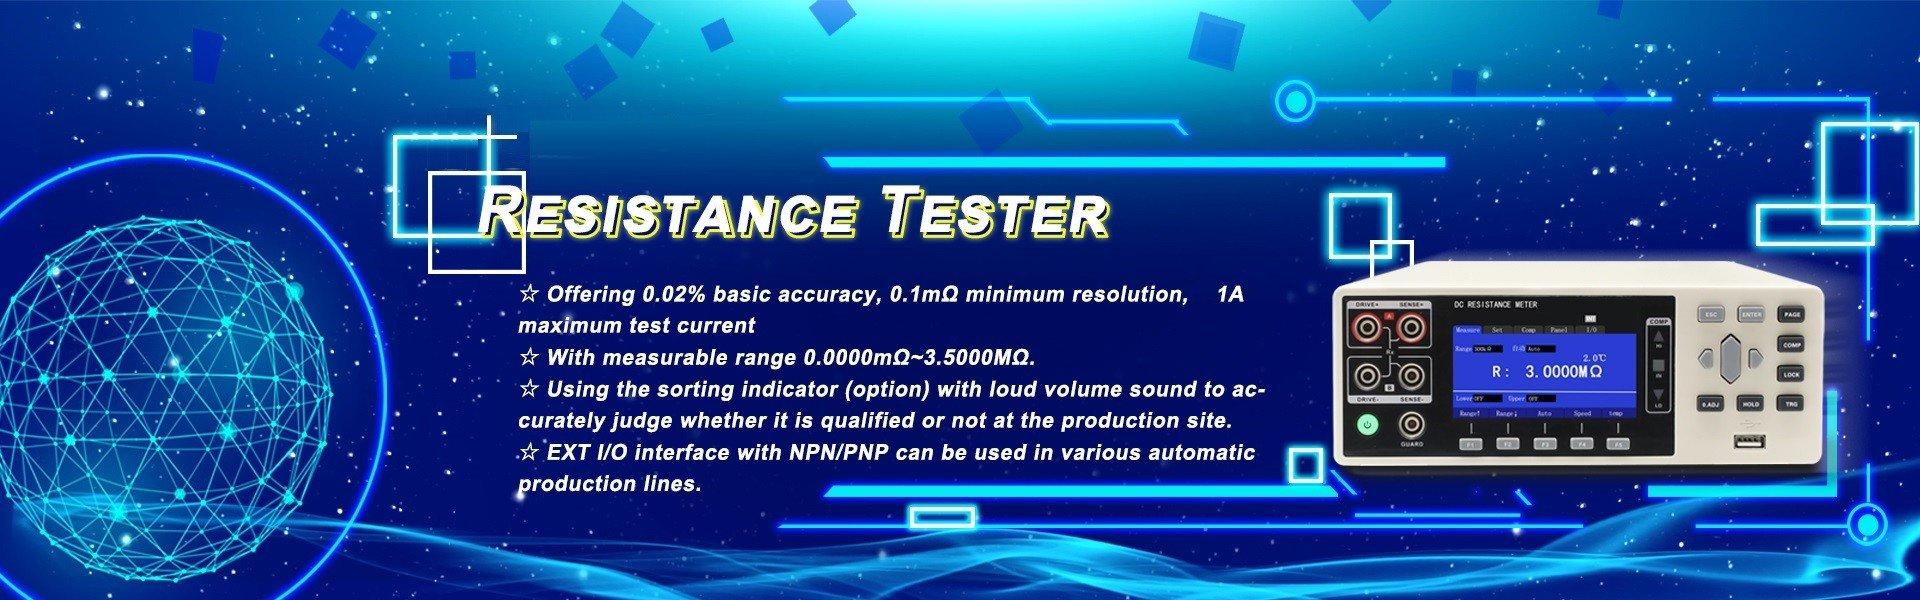 Resistance Tester Banner 03